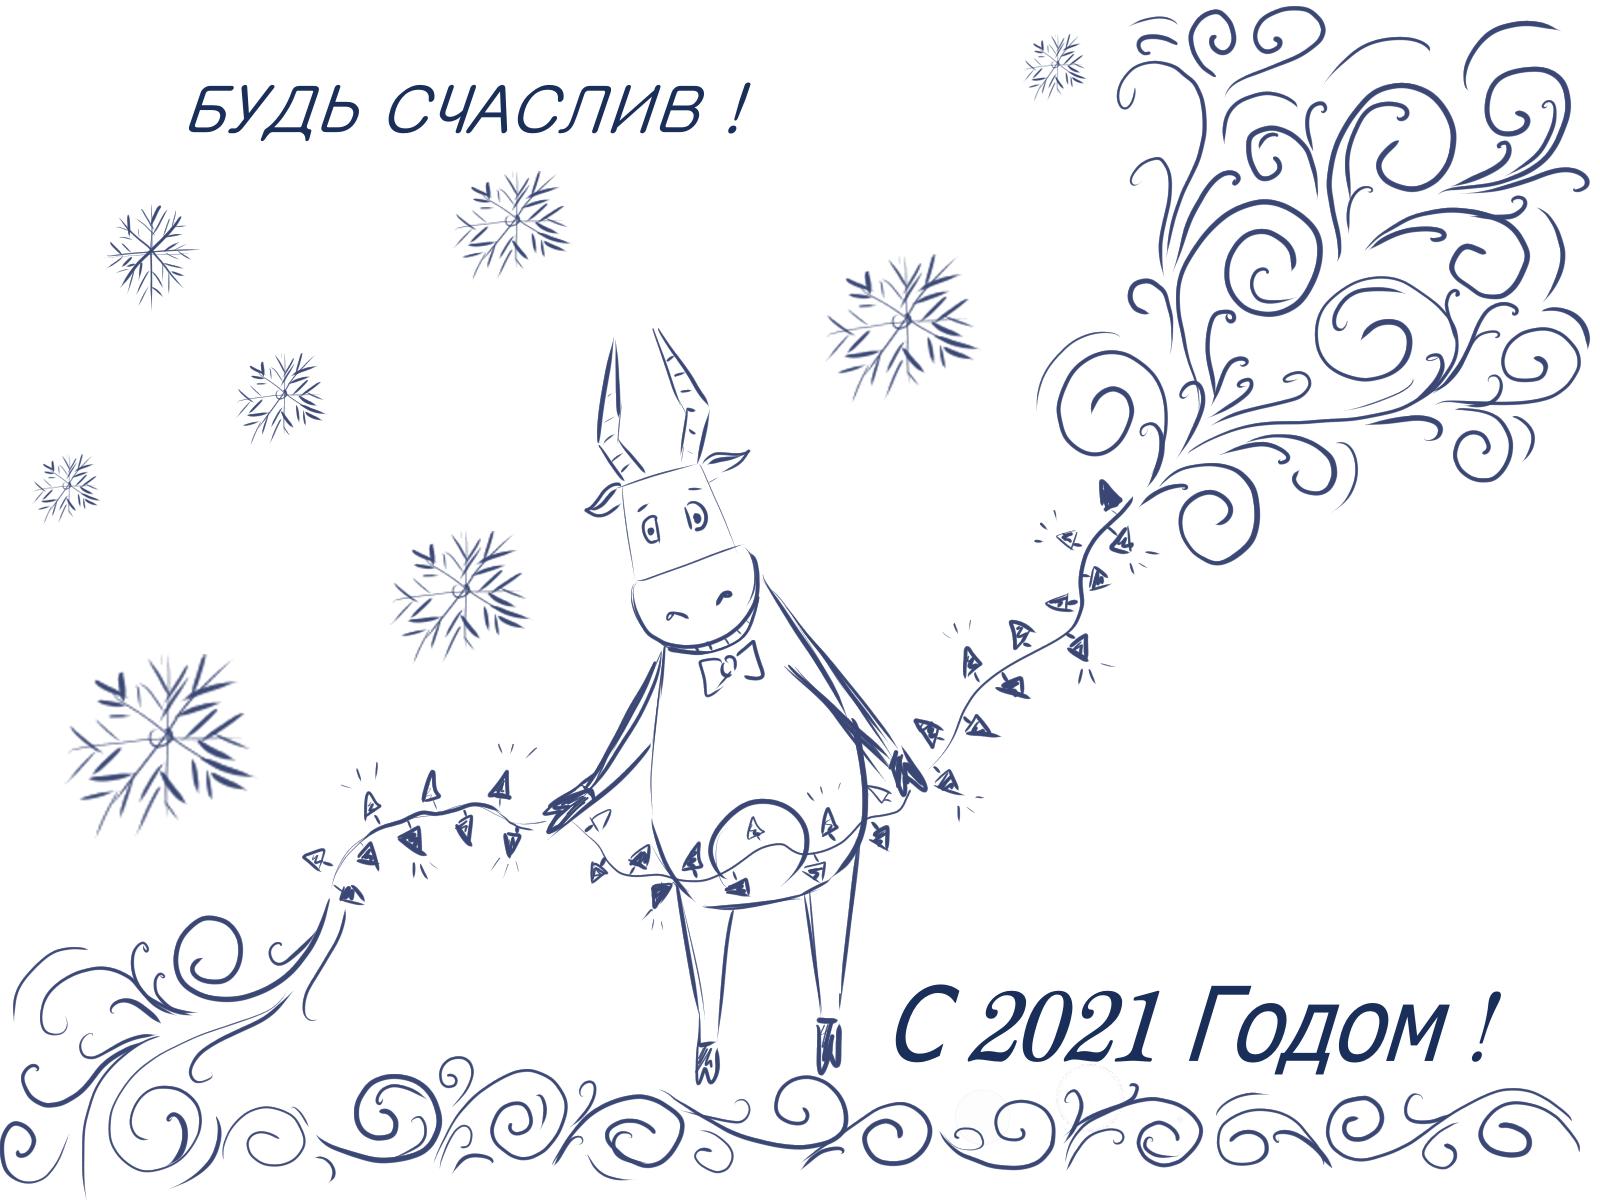 Создать рисунки быков, символа 2021 года, для реализации в м фото f_1875ef0b8311615d.png